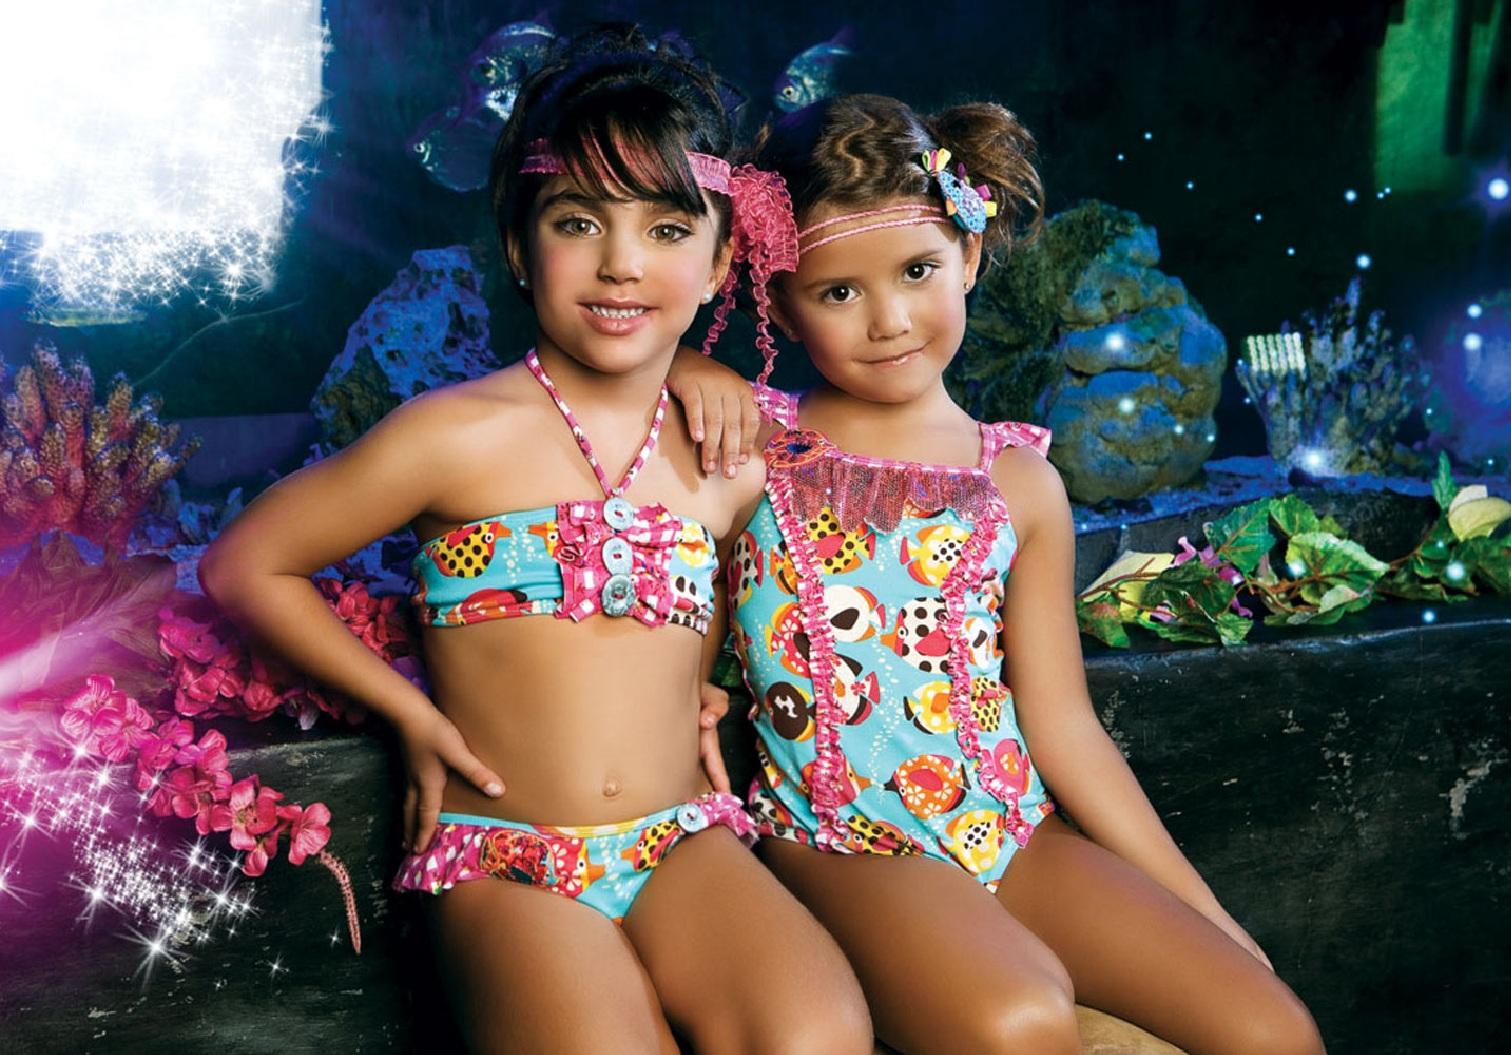 Фотоальбом девочки в купальниках 25 фотография